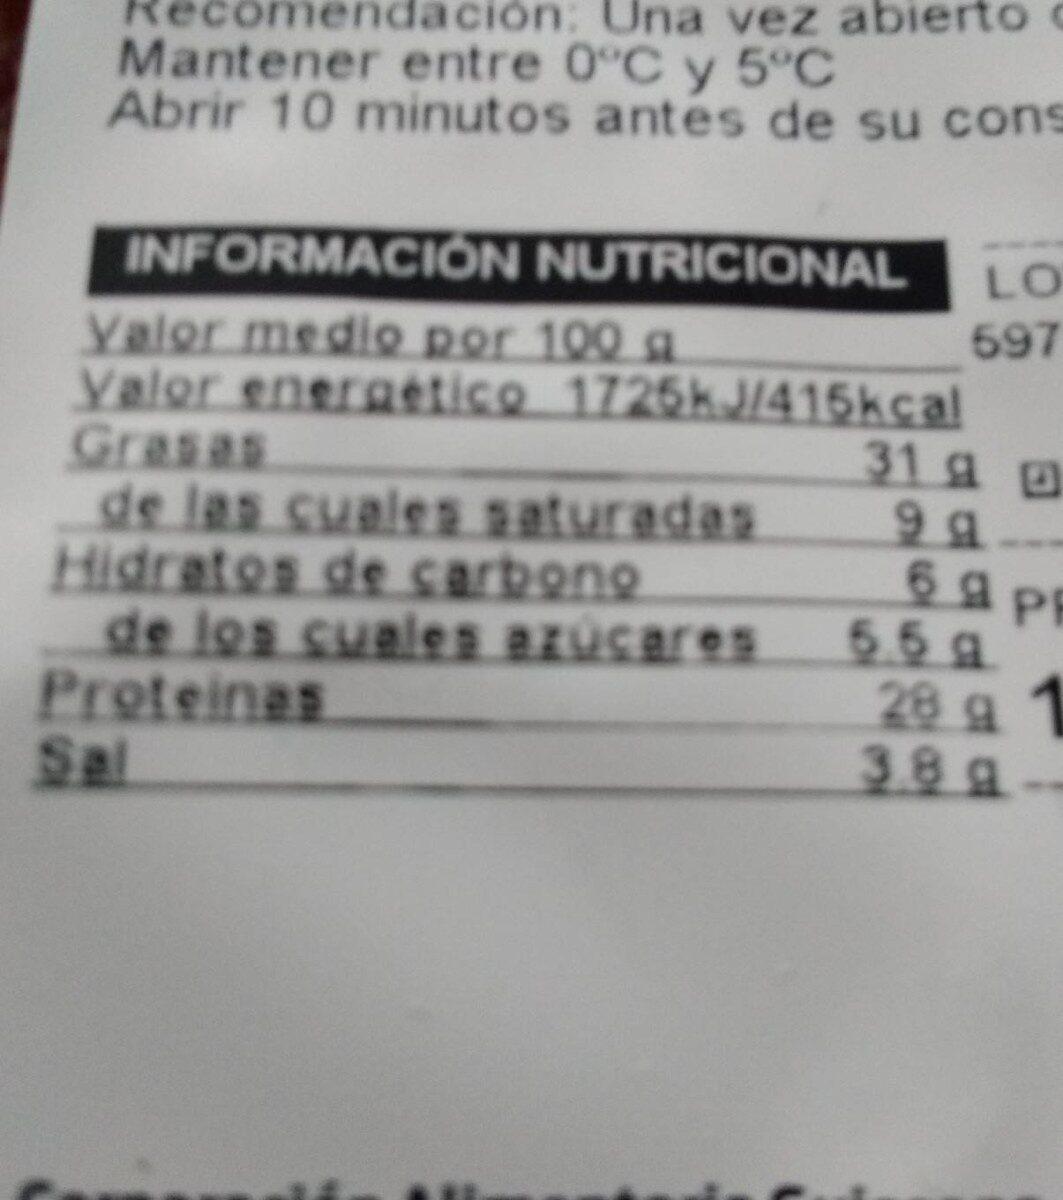 Longaniza con pavo - Nutrition facts - es